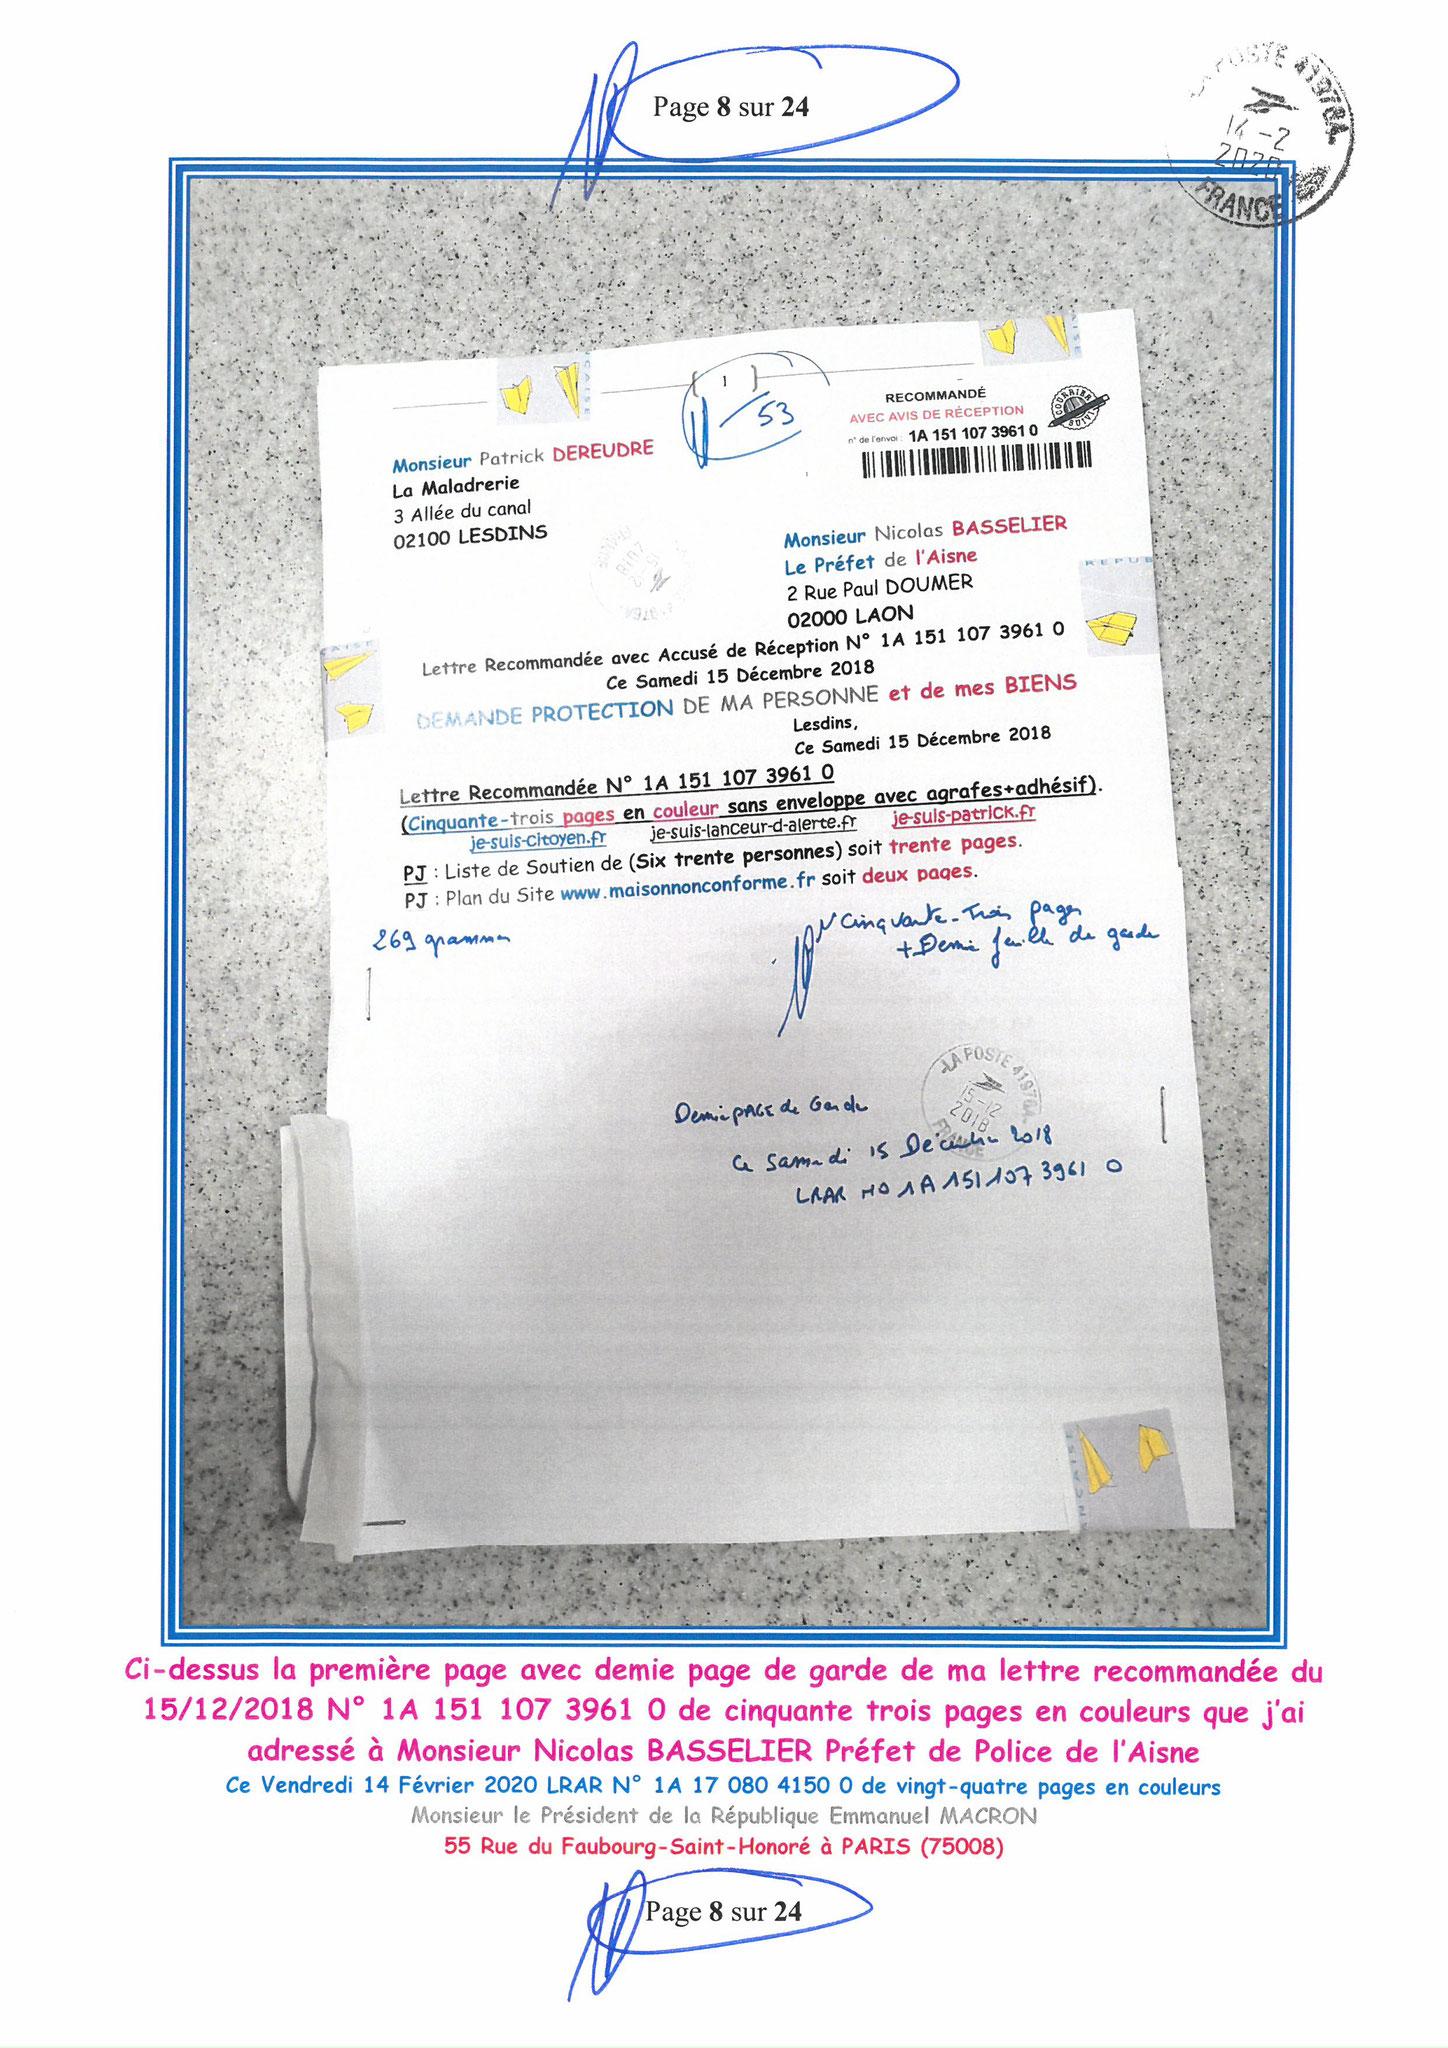 Ma lettre recommandée du 14 Février 2020 N° 1A 178 082 4150 0  page 8 sur 24 en couleur que j'ai adressé à Monsieur Emmanuel MACRON le Président de la République www.jesuispatrick.fr www.jesuisvictime.fr www.alerte-rouge-france.fr